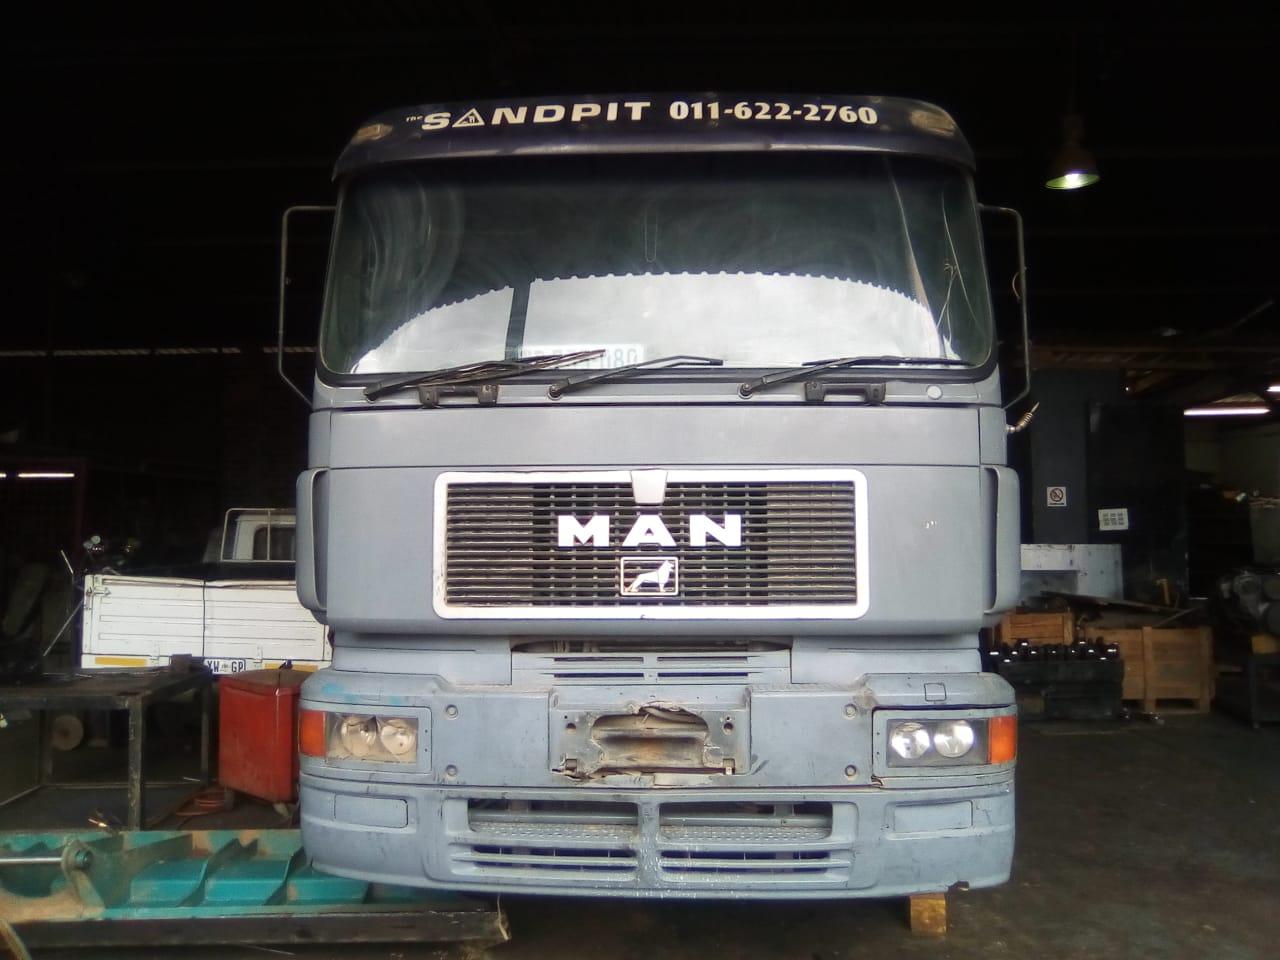 Man 27-463